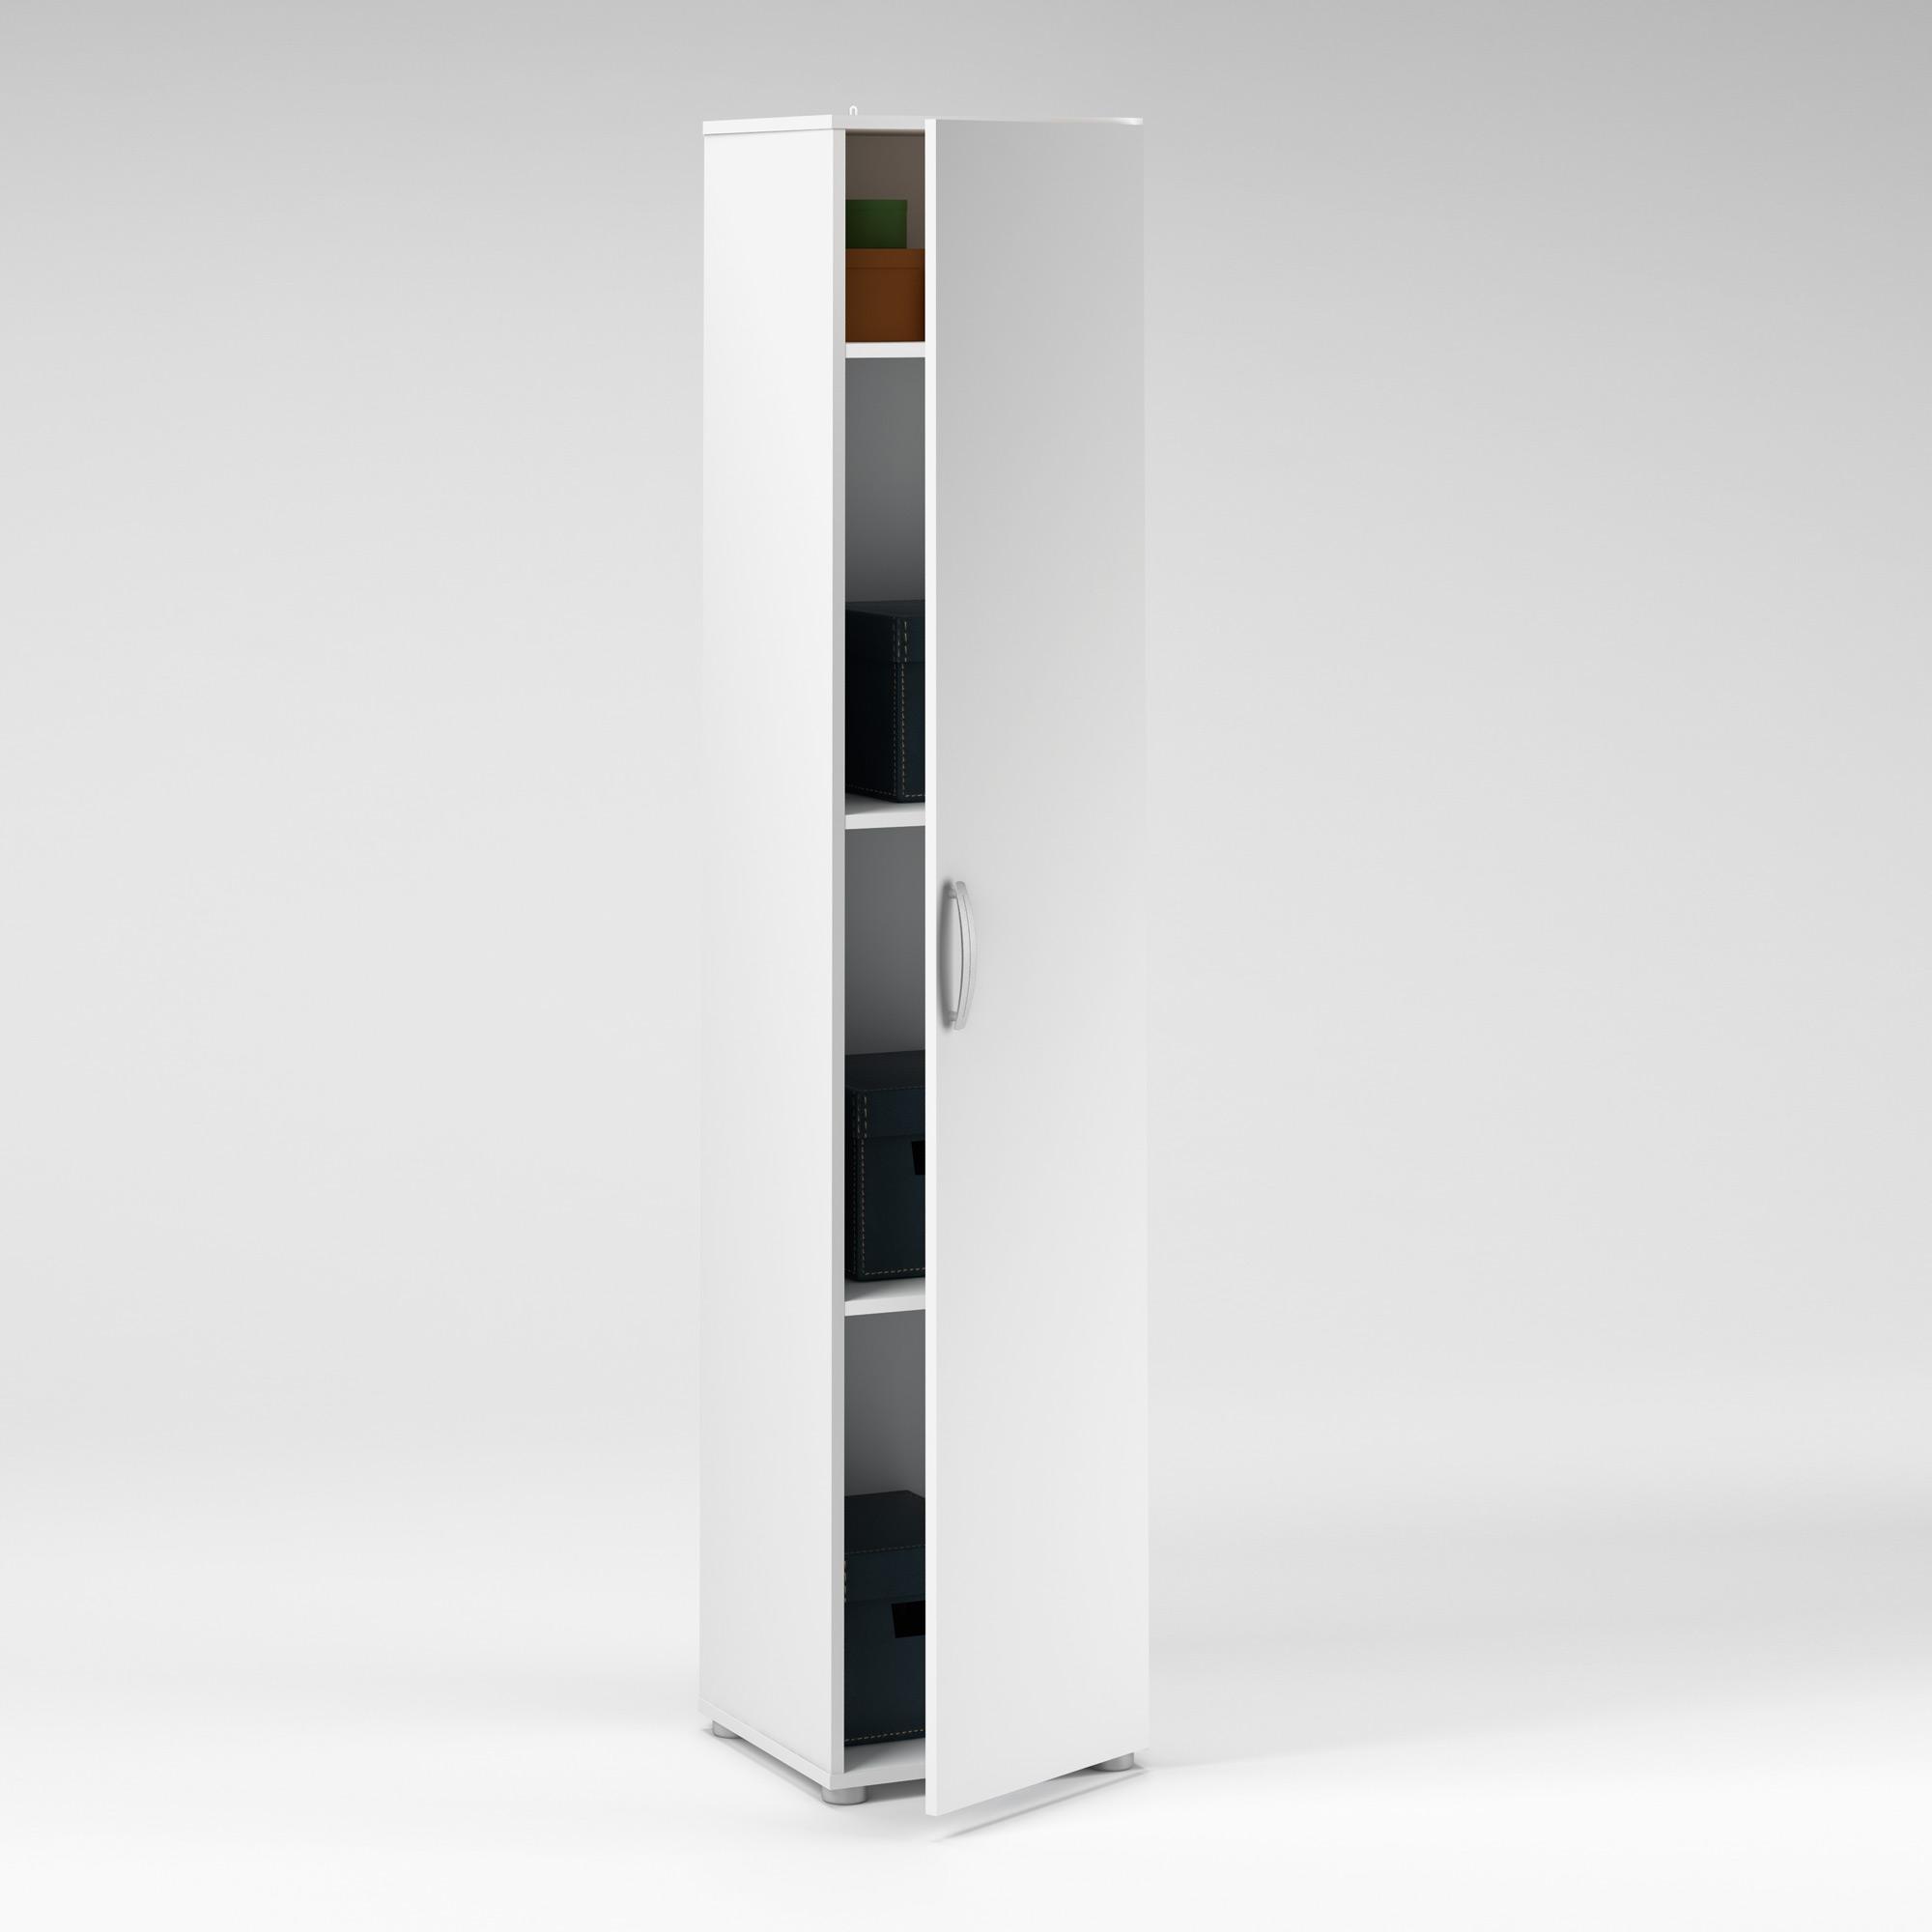 Meuble de cuisine colonne de rangement maison et meuble - Meuble colonne cuisine 60 cm ...